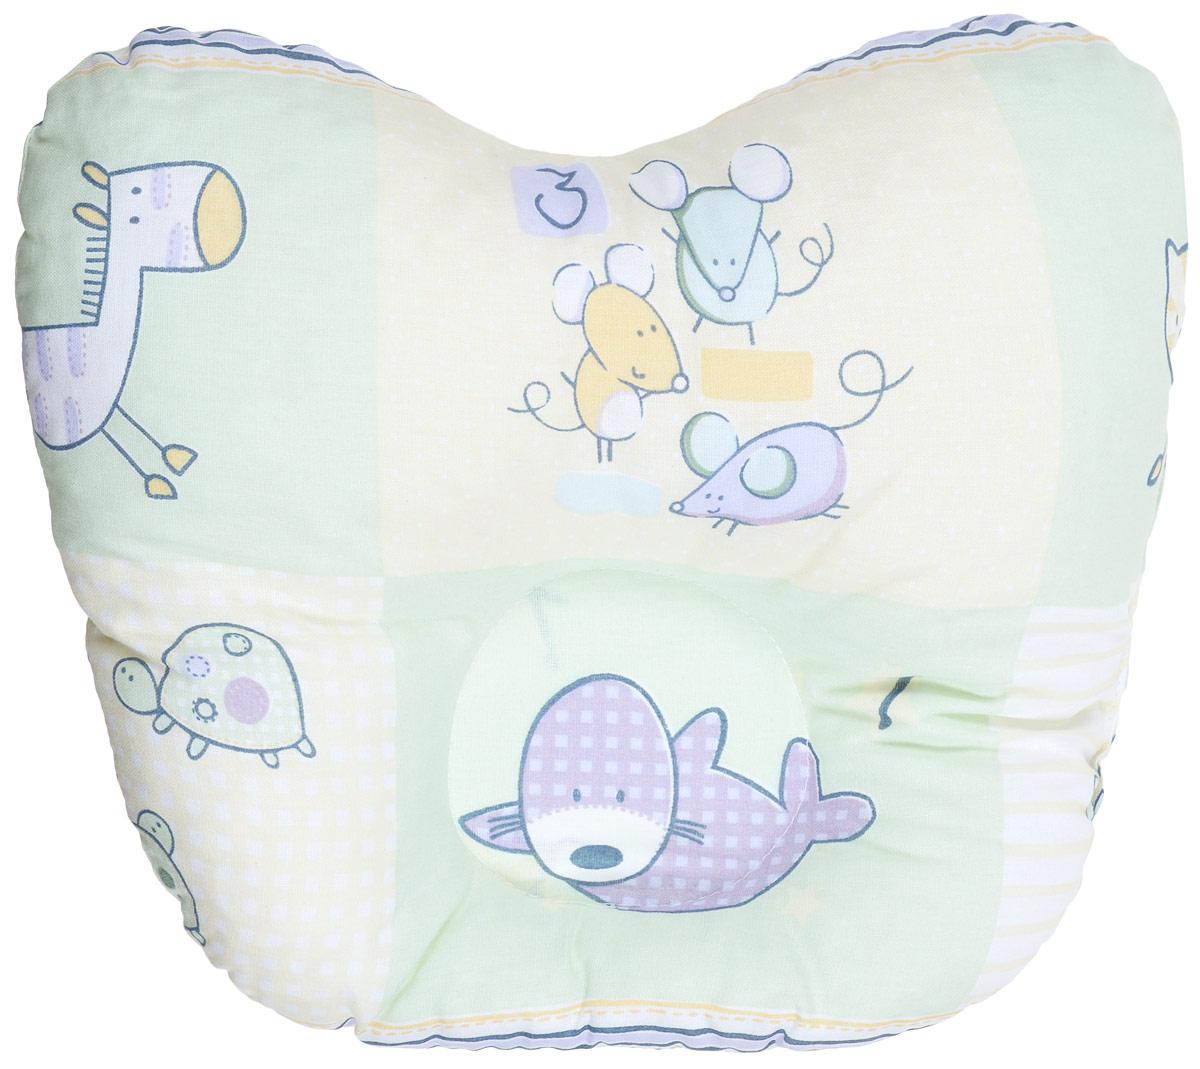 Сонный гномик Подушка анатомическая для младенцев Мыши, птицы, ежики 27 х 27 смS03301004Анатомическая подушка для младенцев Сонный гномик Мыши, птицы, ежики изготовлена из бязи - 100% хлопка. Наполнитель - синтепон в гранулах (100% полиэстер).Подушка компактна и удобна для пеленания малыша и кормления на руках, она также незаменима для сна ребенка в кроватке и комфортна для использования в коляске на прогулке. Углубление в подушке фиксирует правильное положение головы ребенка.Подушка помогает правильному формированию шейного отдела позвоночника.